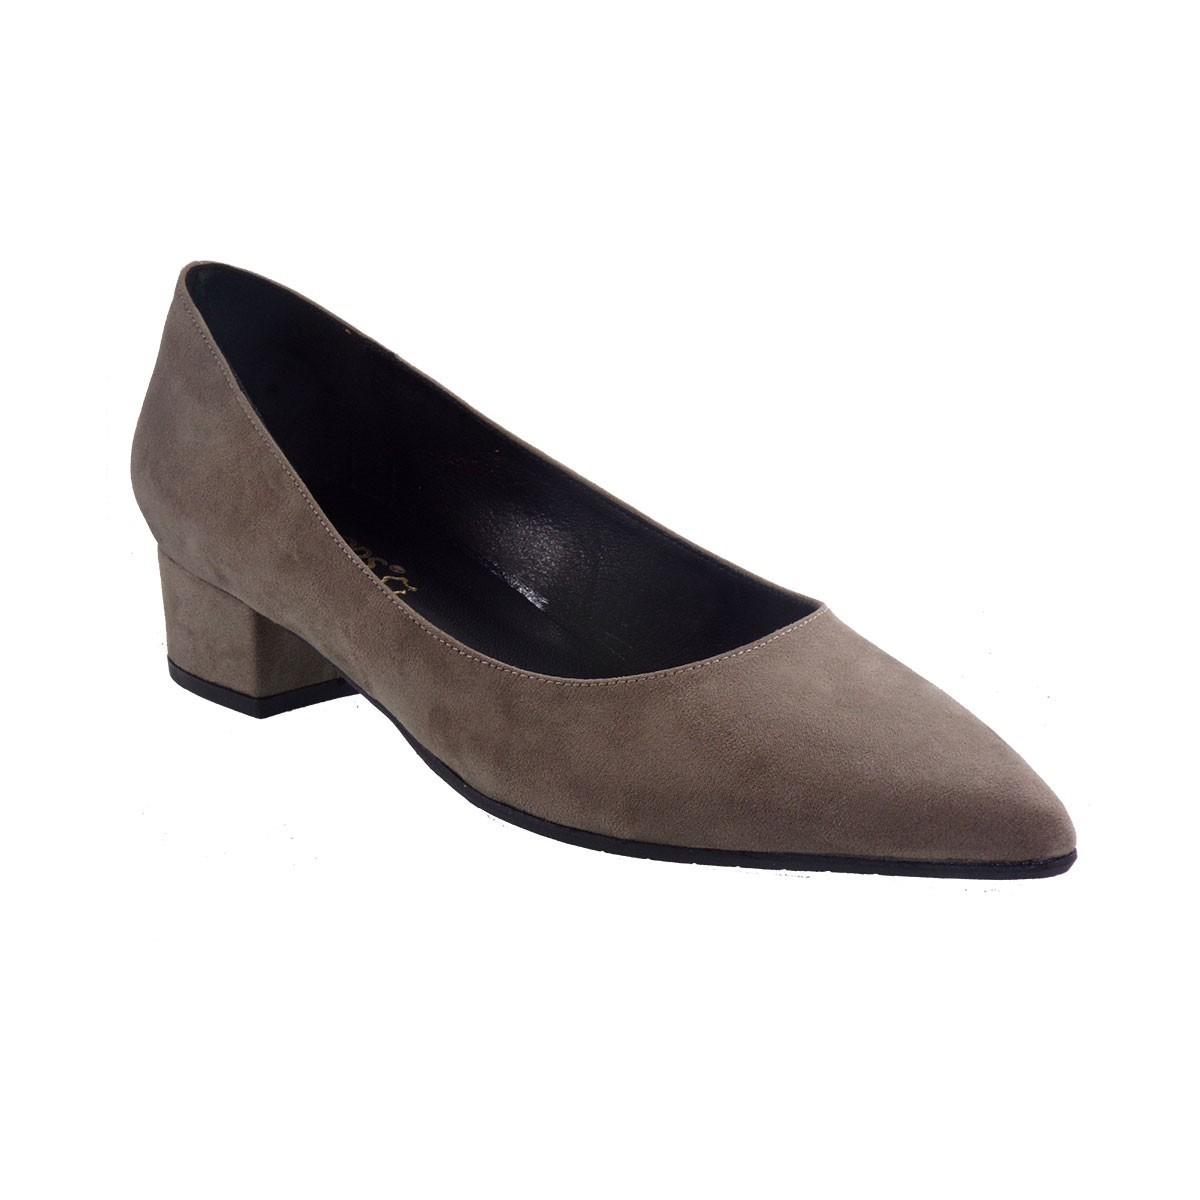 Moods Shoes Γυναικεία Παπούτσια 2542 Πούρο